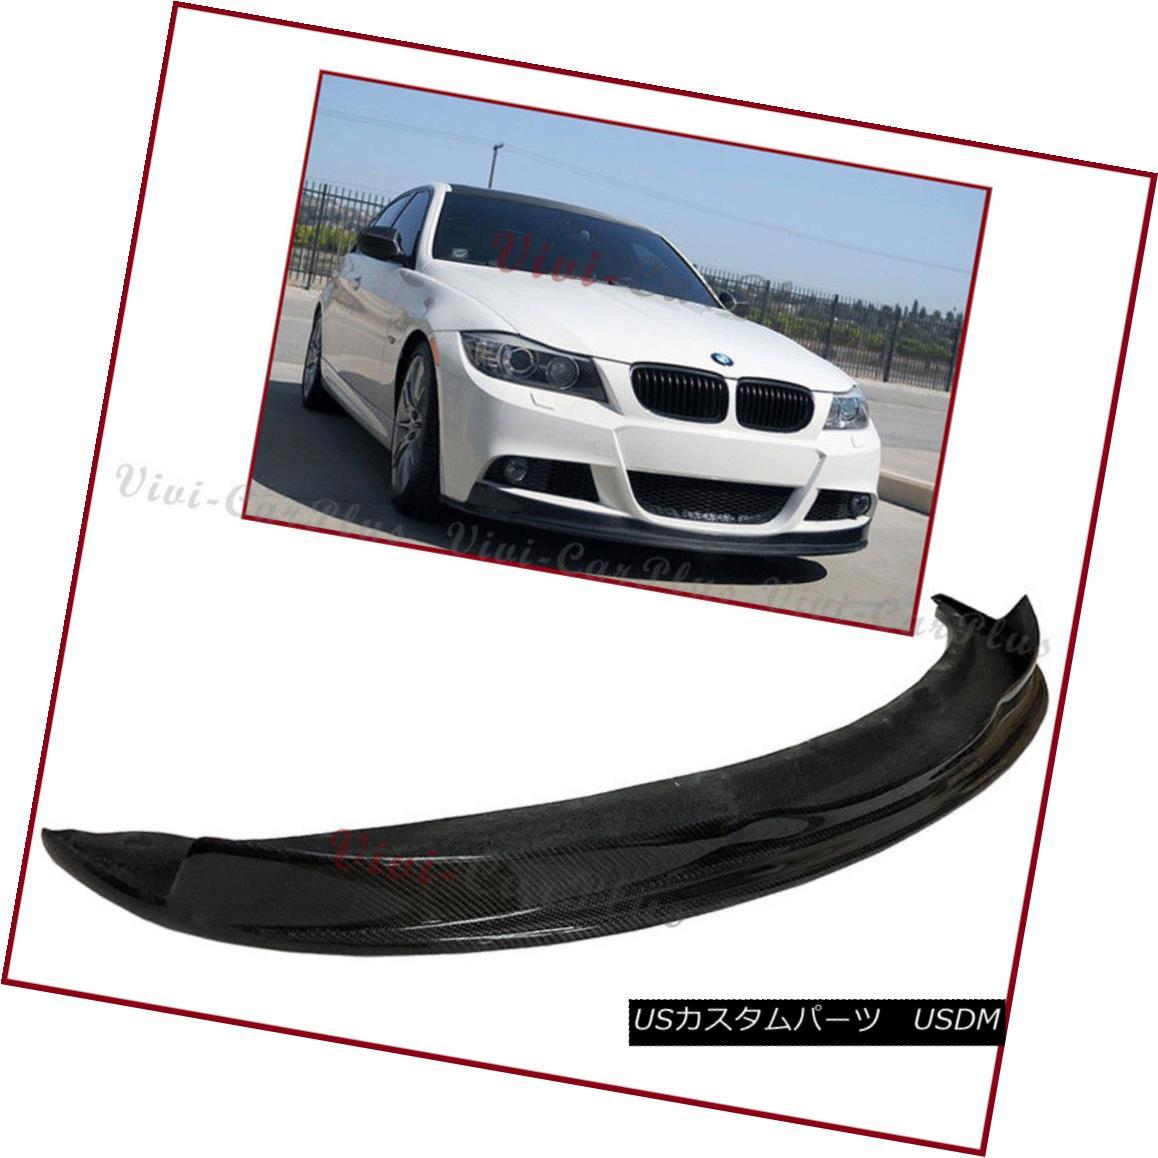 エアロパーツ Carbon Fiber AK Look Add Lip For BMW 09-11 E90 E91 LCI 3-Series M-Sporty Bumper カーボンファイバーAKルックをBMW用に追加する09-11 E90 E91 LCI 3シリーズM-スポーティーバンパー